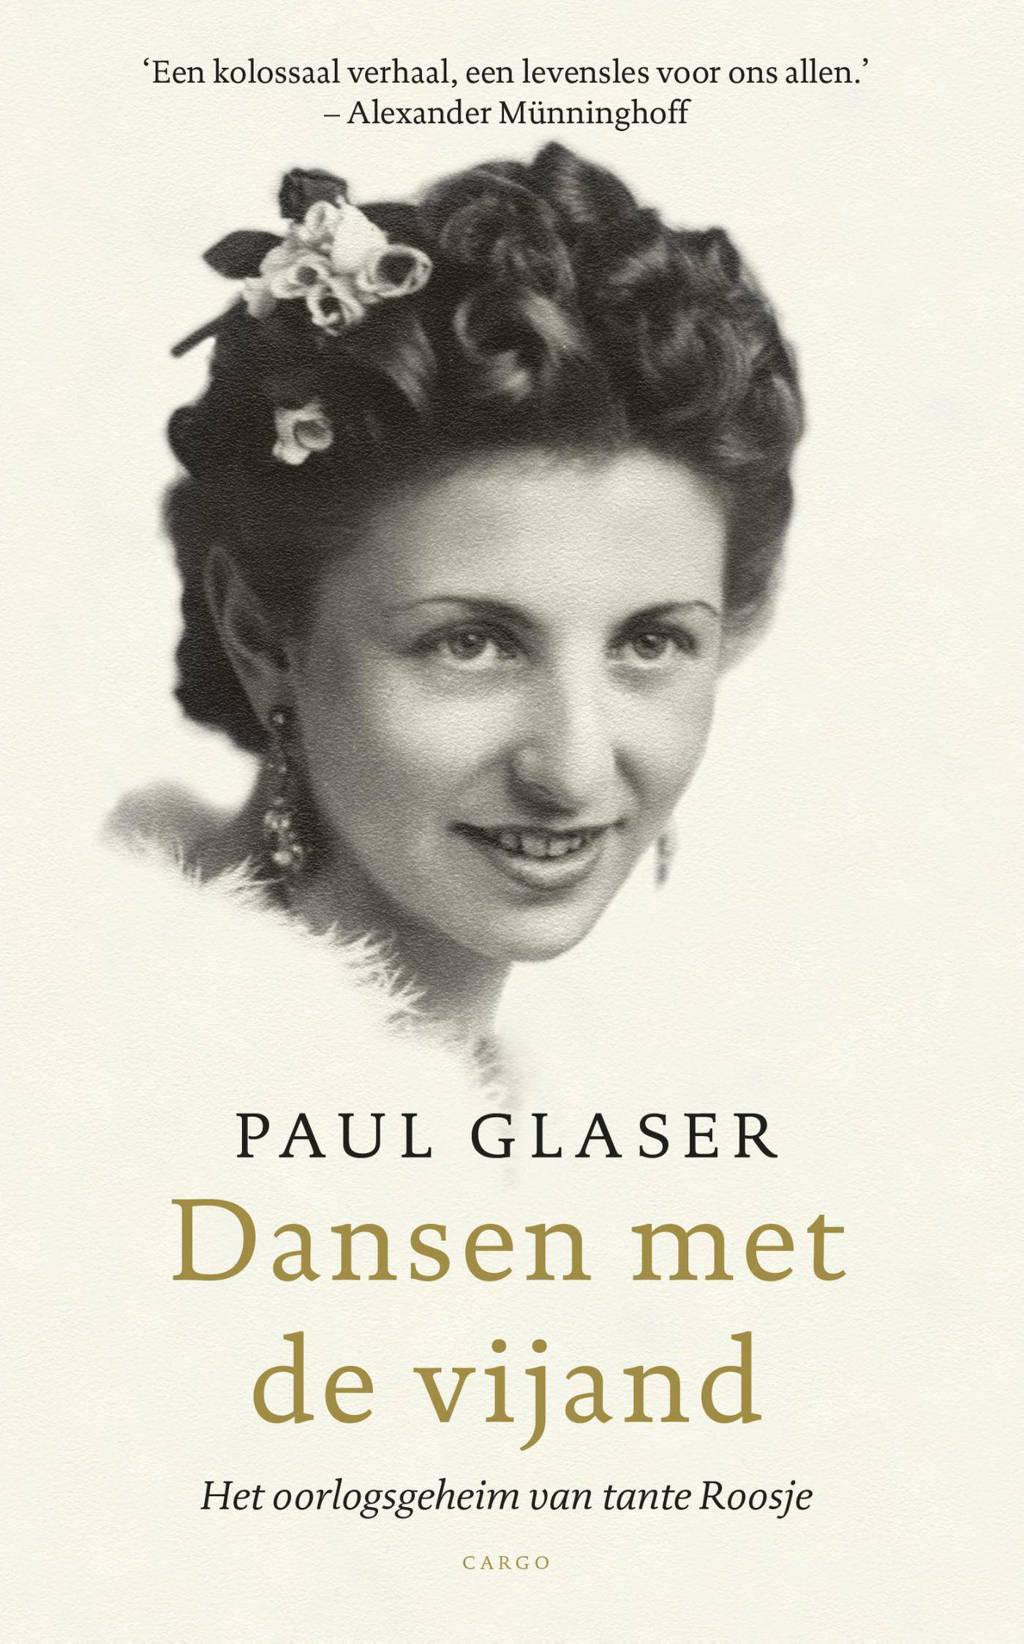 Dansen met de vijand - Paul Glaser